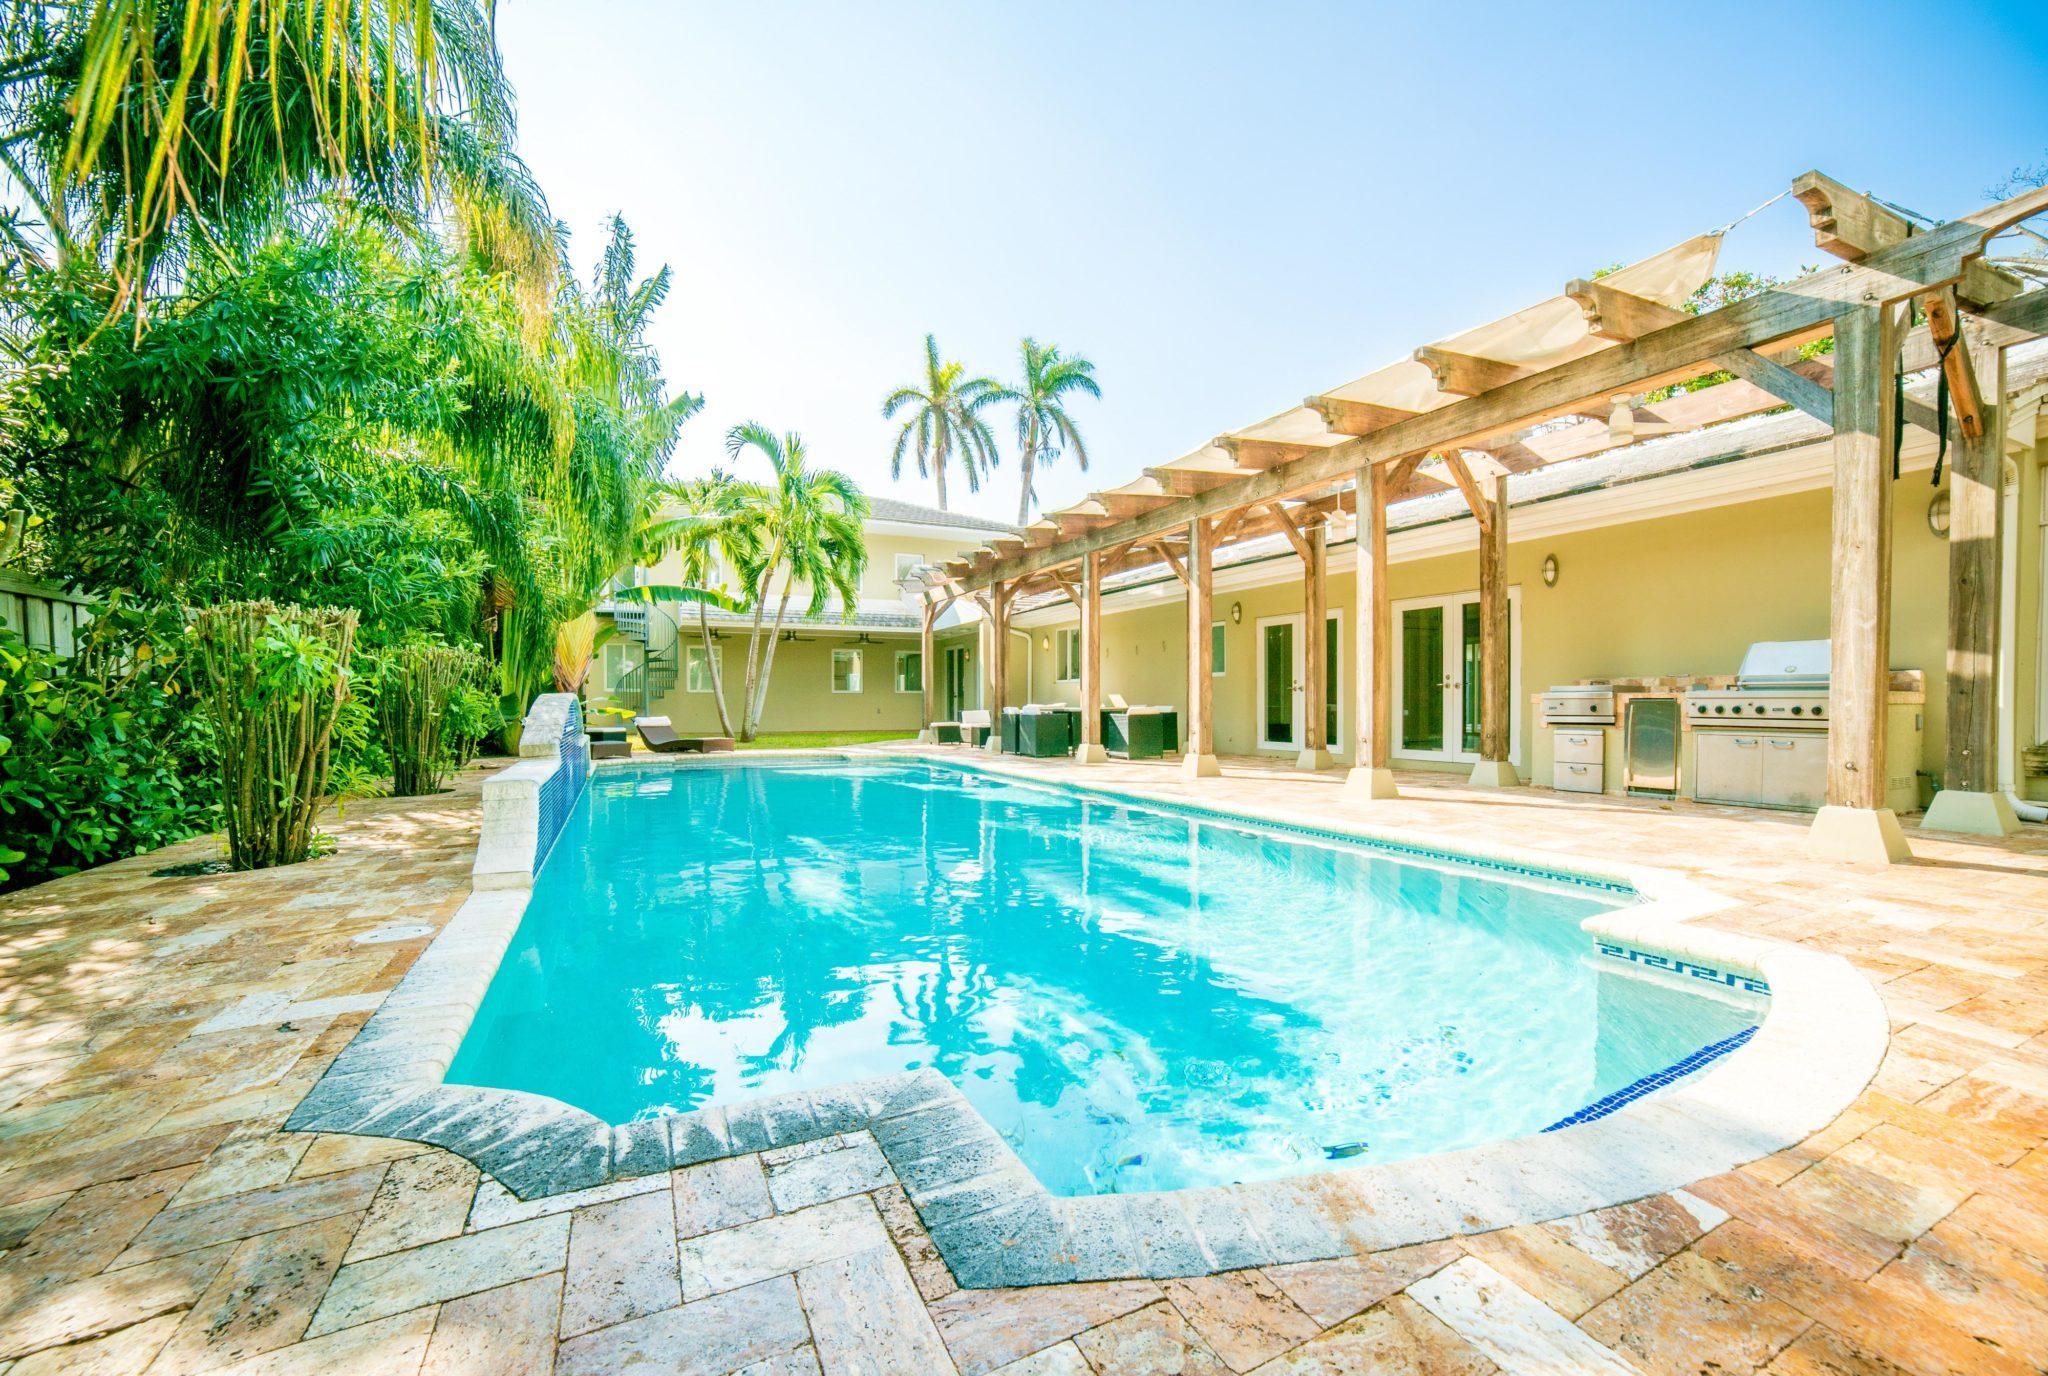 5 Maisons avec piscine à moins d'un million